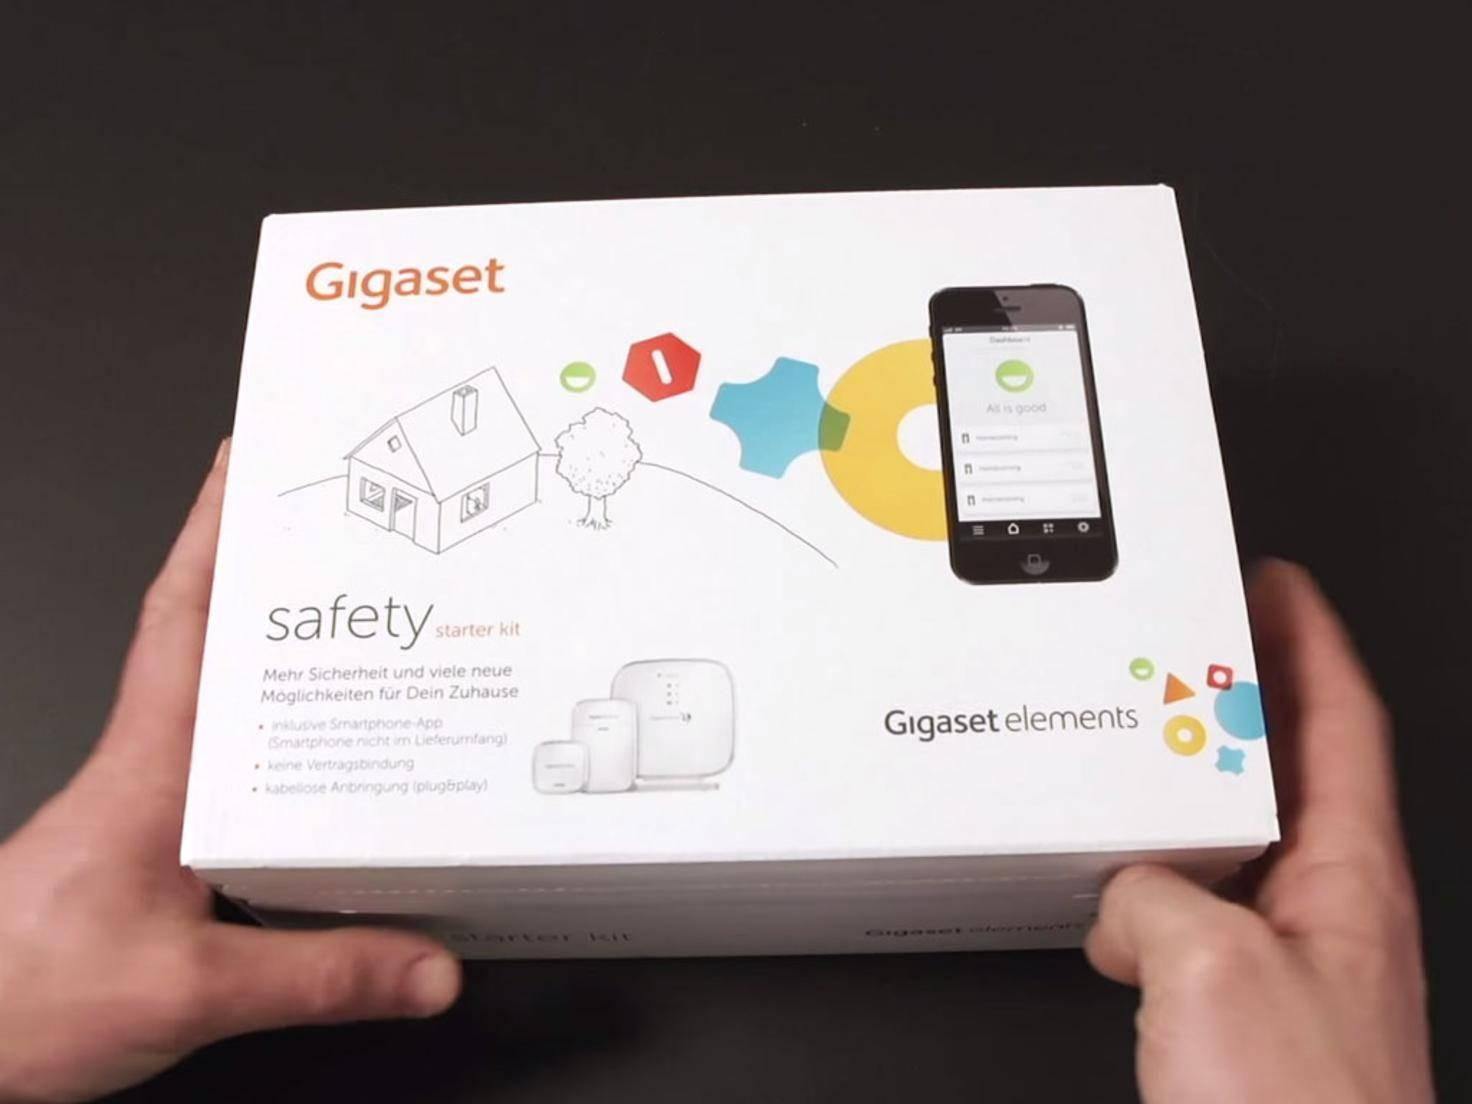 Das Starterpaket von Gigaset spricht vor allem sicherheitsbewusste Käufer an.